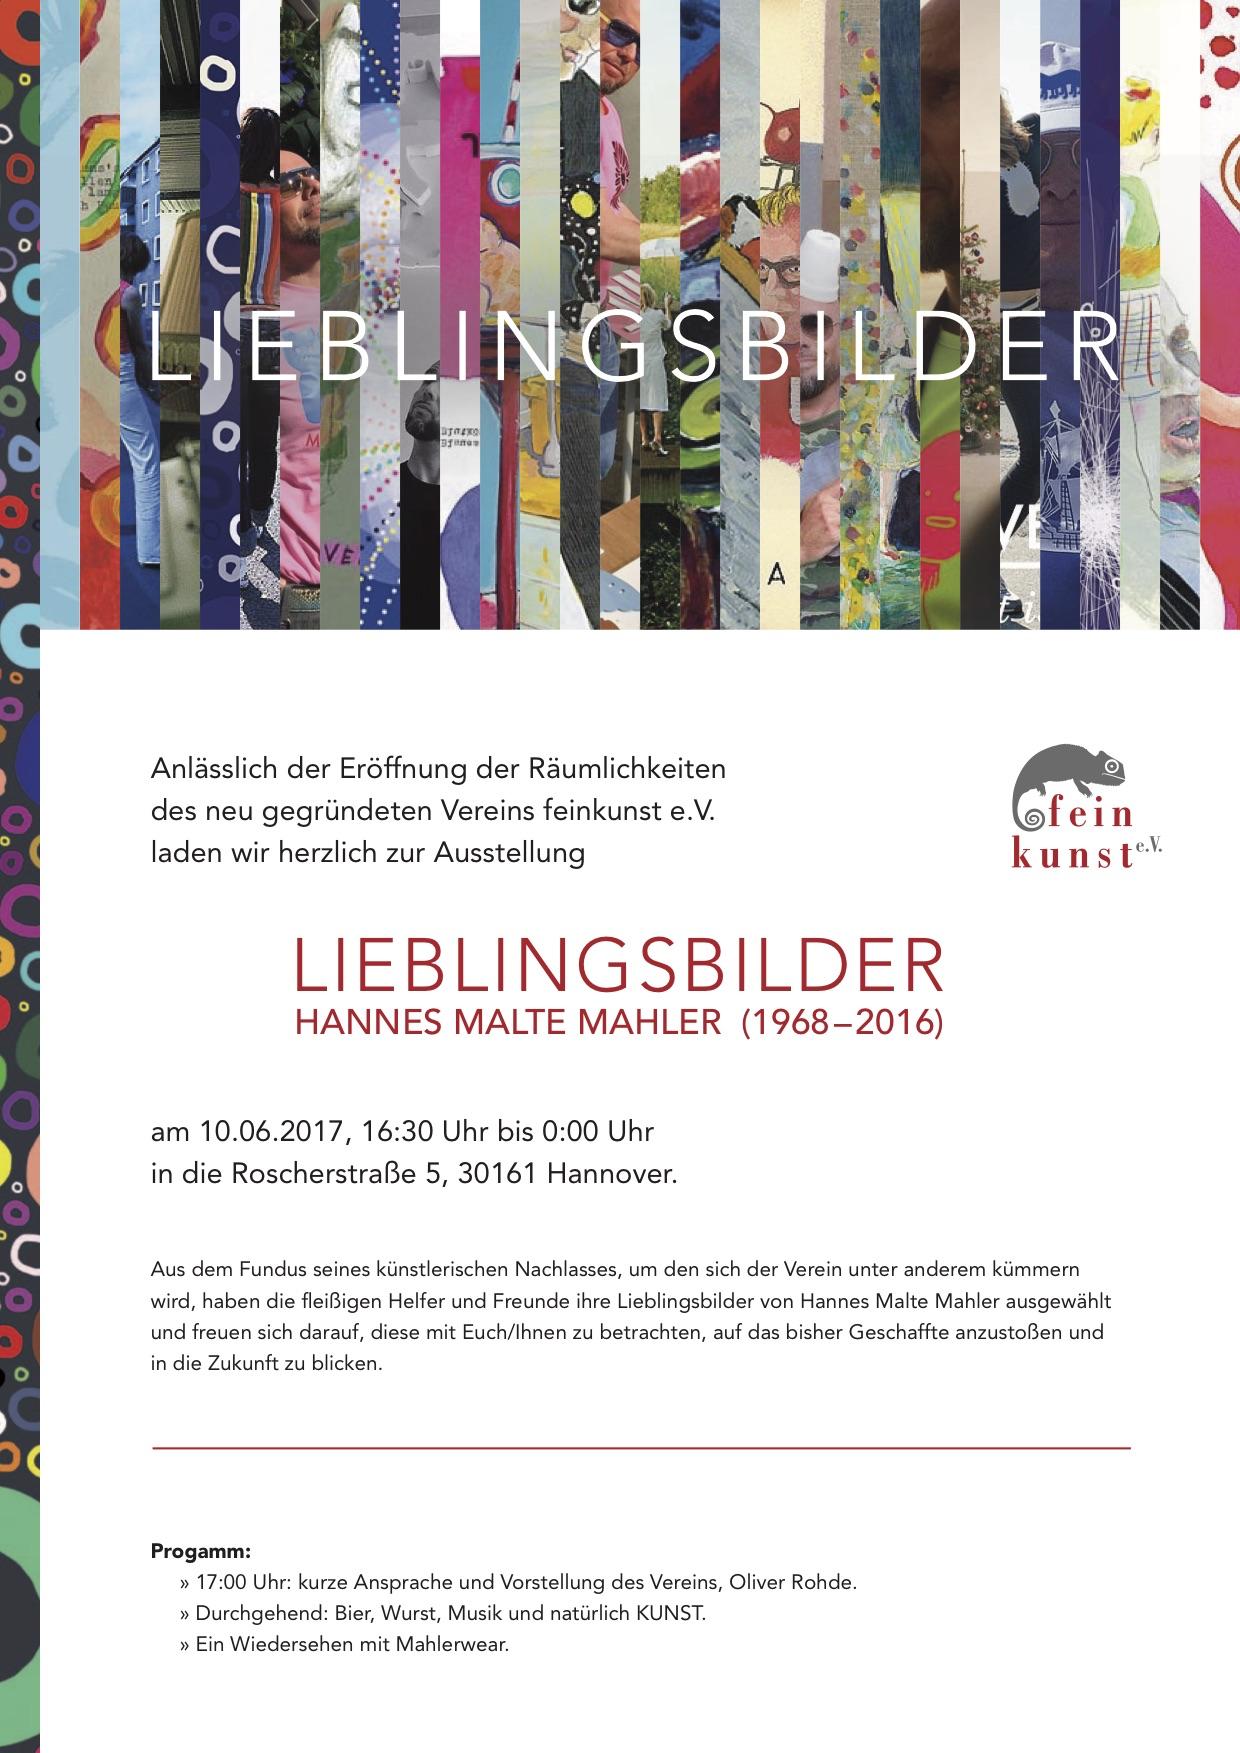 Lieblingsbilder - Hannes Malte Mahler